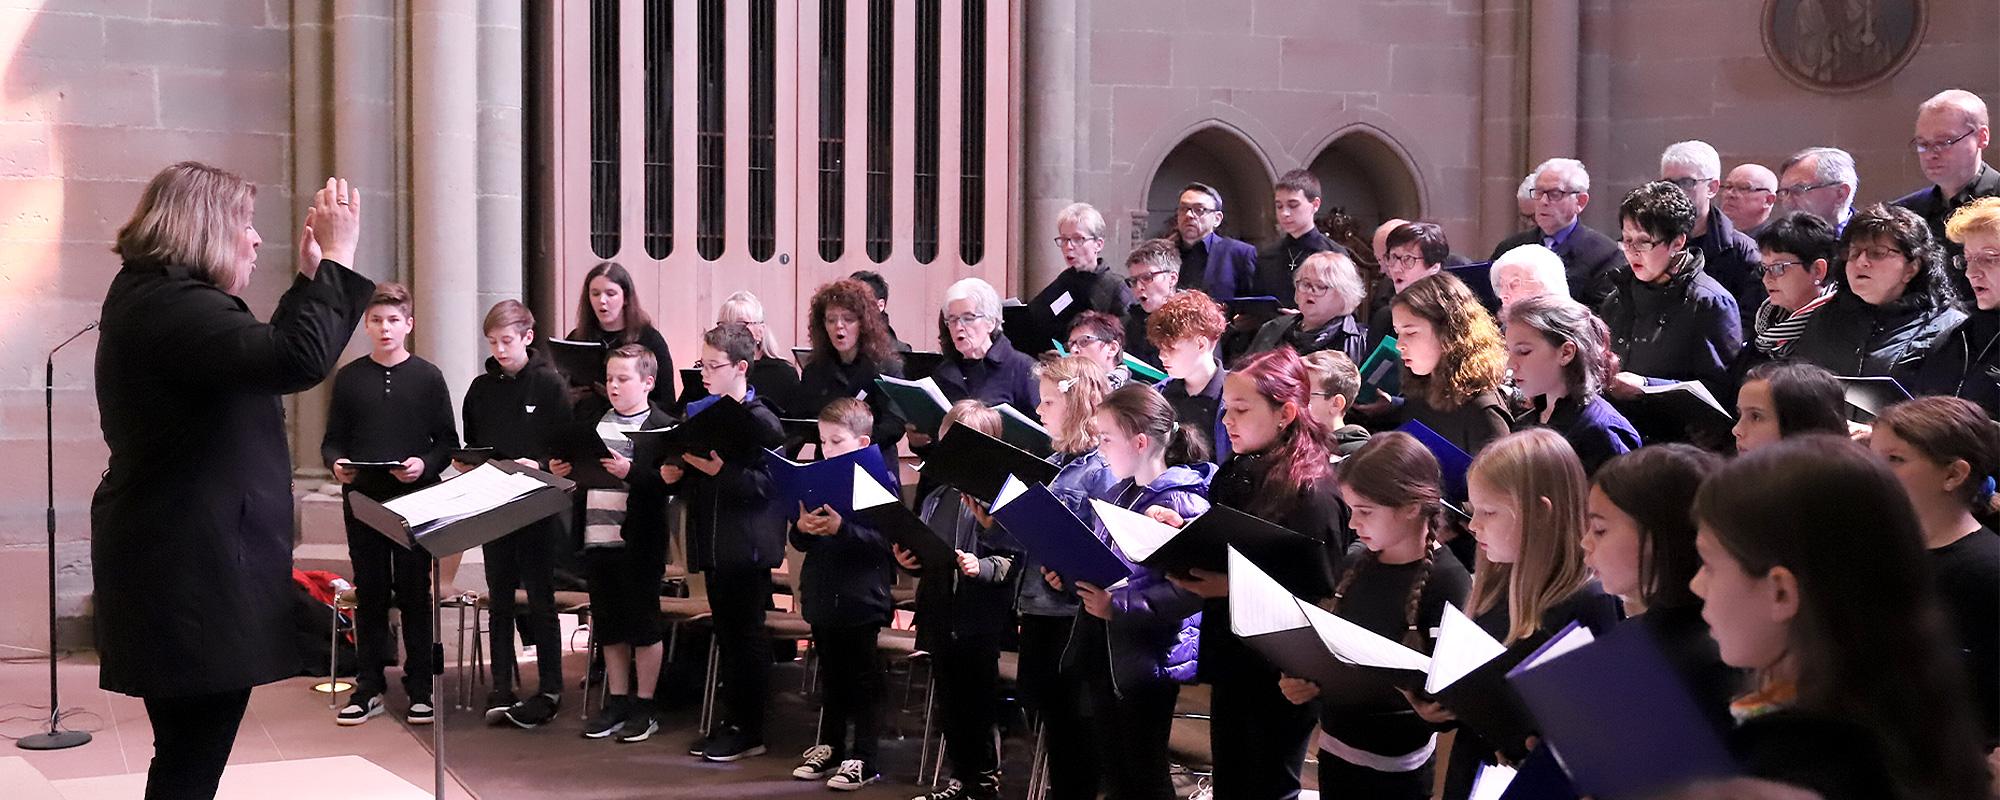 Gemischter Chor allen Alters singt im Altarraum einer Kirche. Sie tragen schwarze Kleidung, allerdings nicht einheitlich und werden von einer Frau dirigiert.